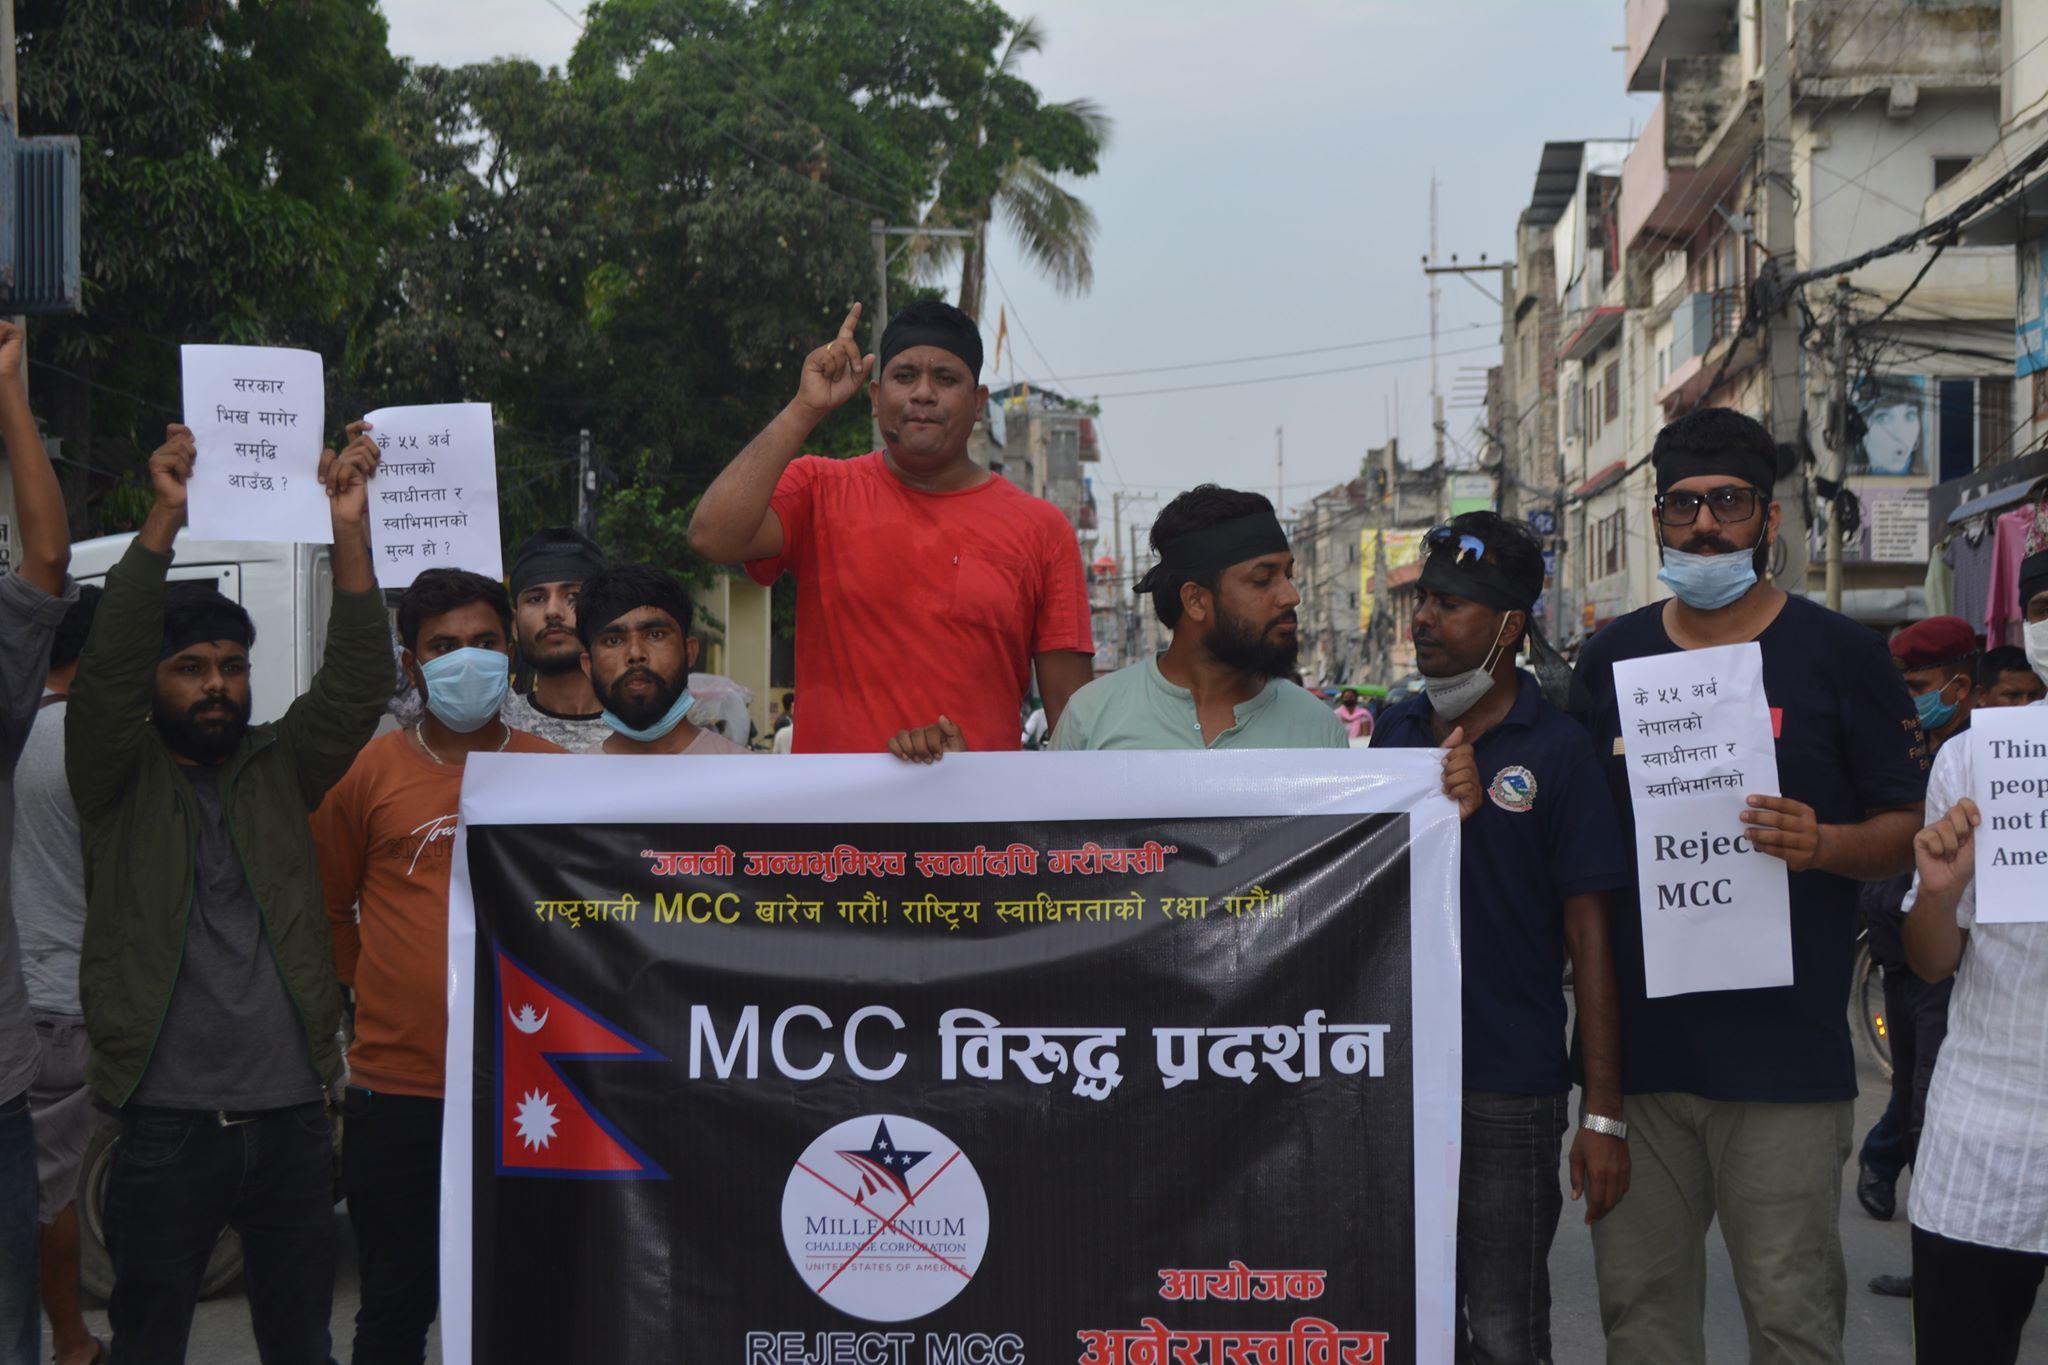 एमसीसी सम्झौताको विरोधमा नेकपा निकट अनेरास्ववियू